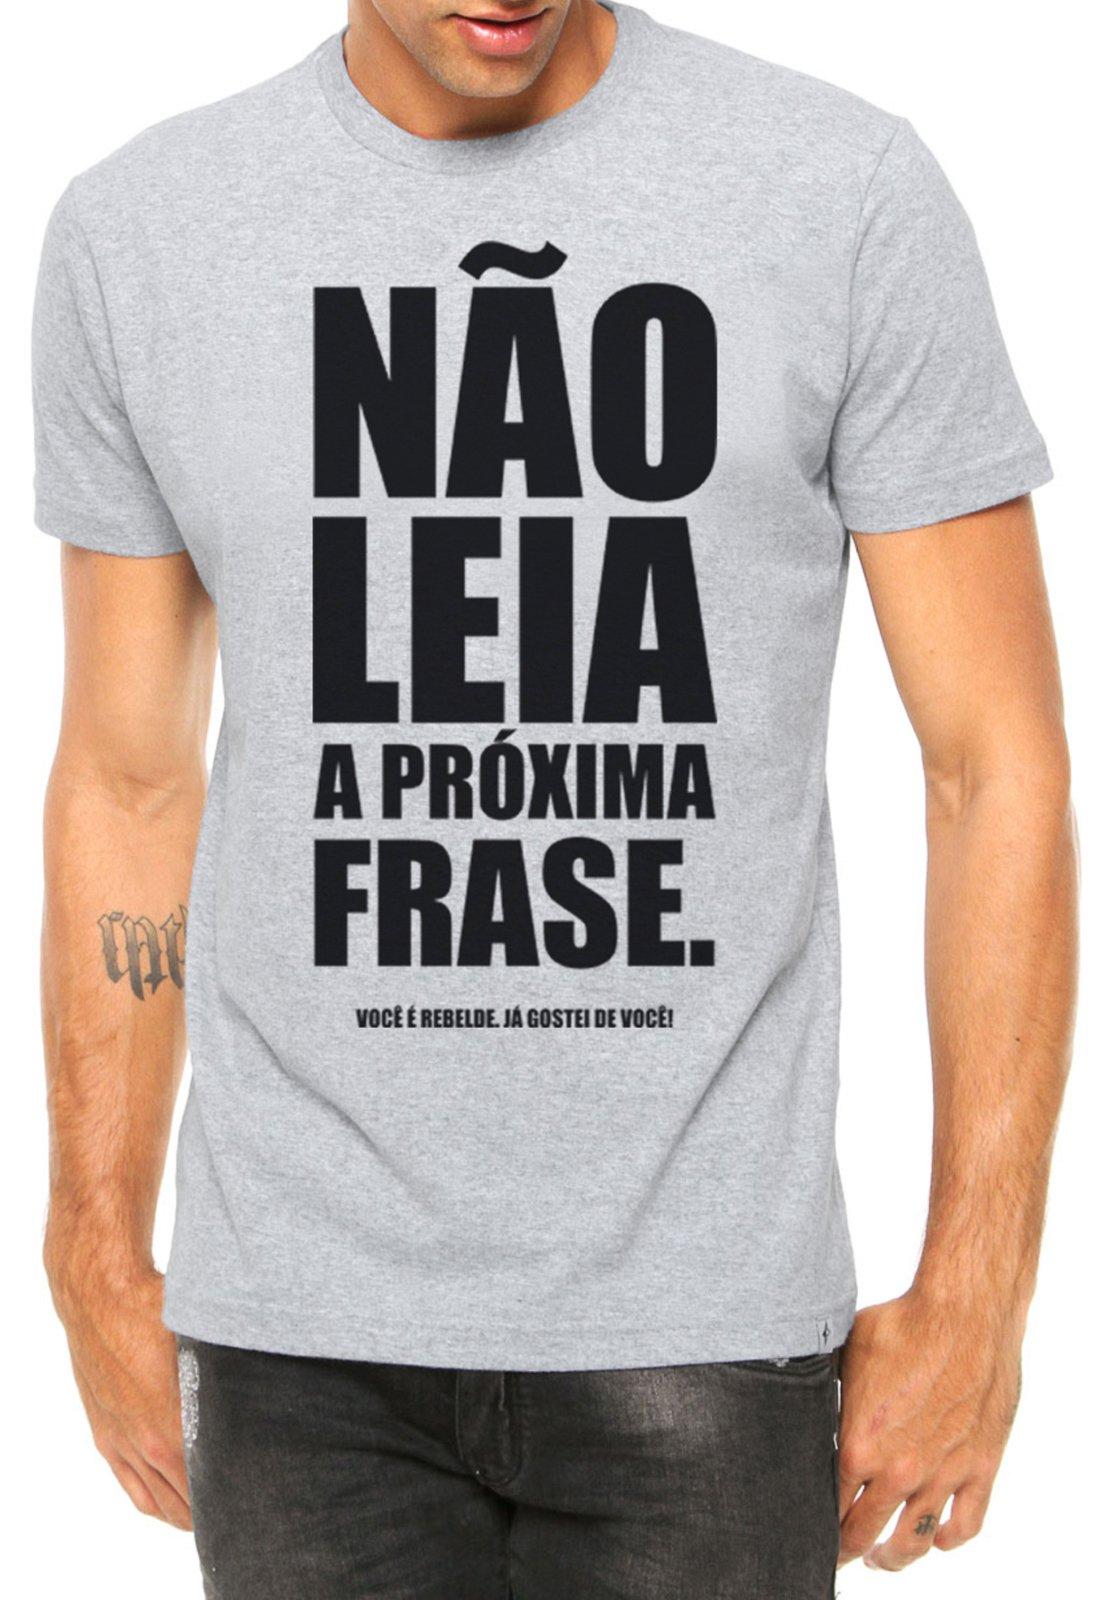 Camiseta Criativa Urbana Frases Engraçadas E Divertidas Não Leia A Próxima Frase Manga Curta Cinza Mescla